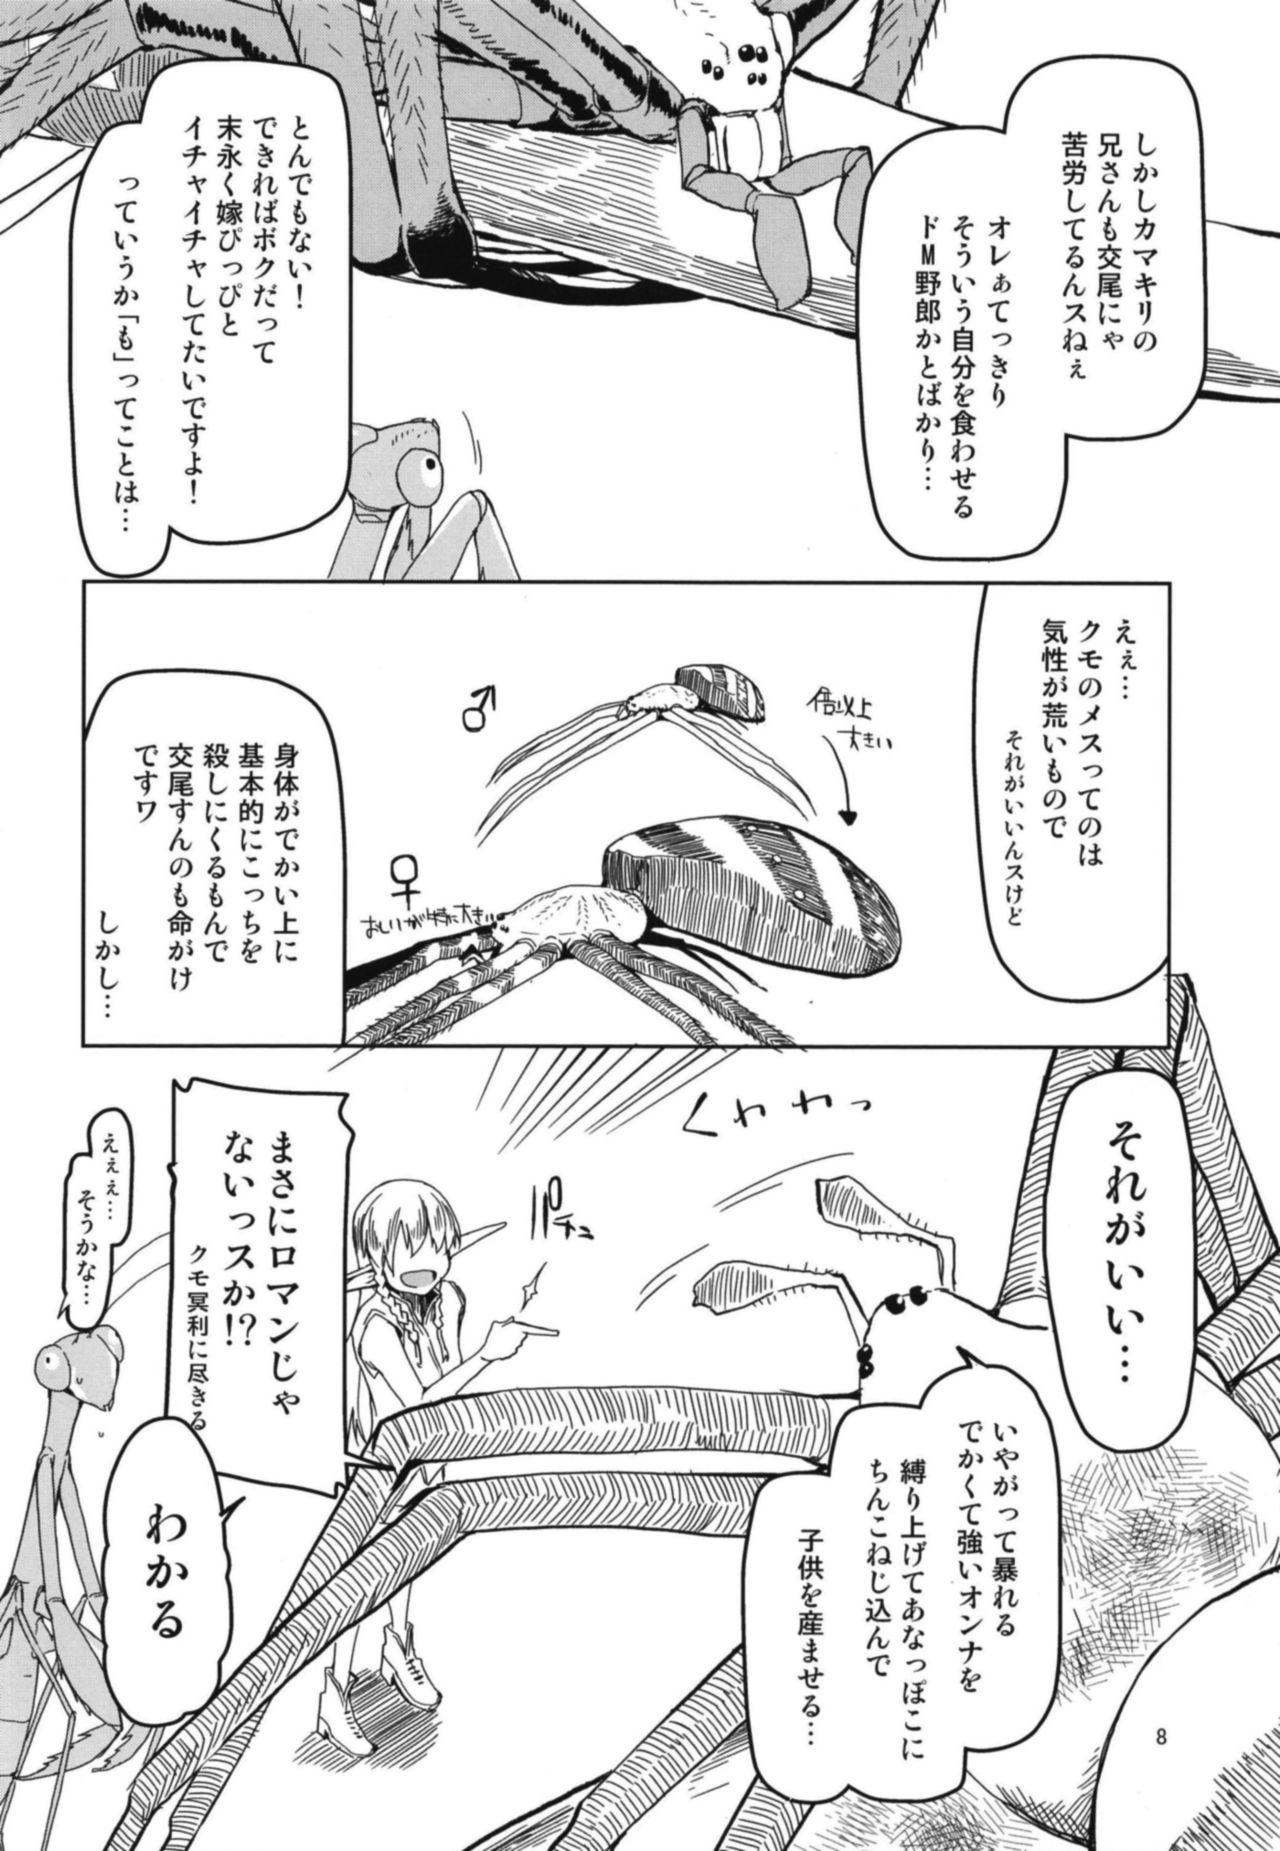 Dosukebe Elf no Ishukan Nikki 5 9